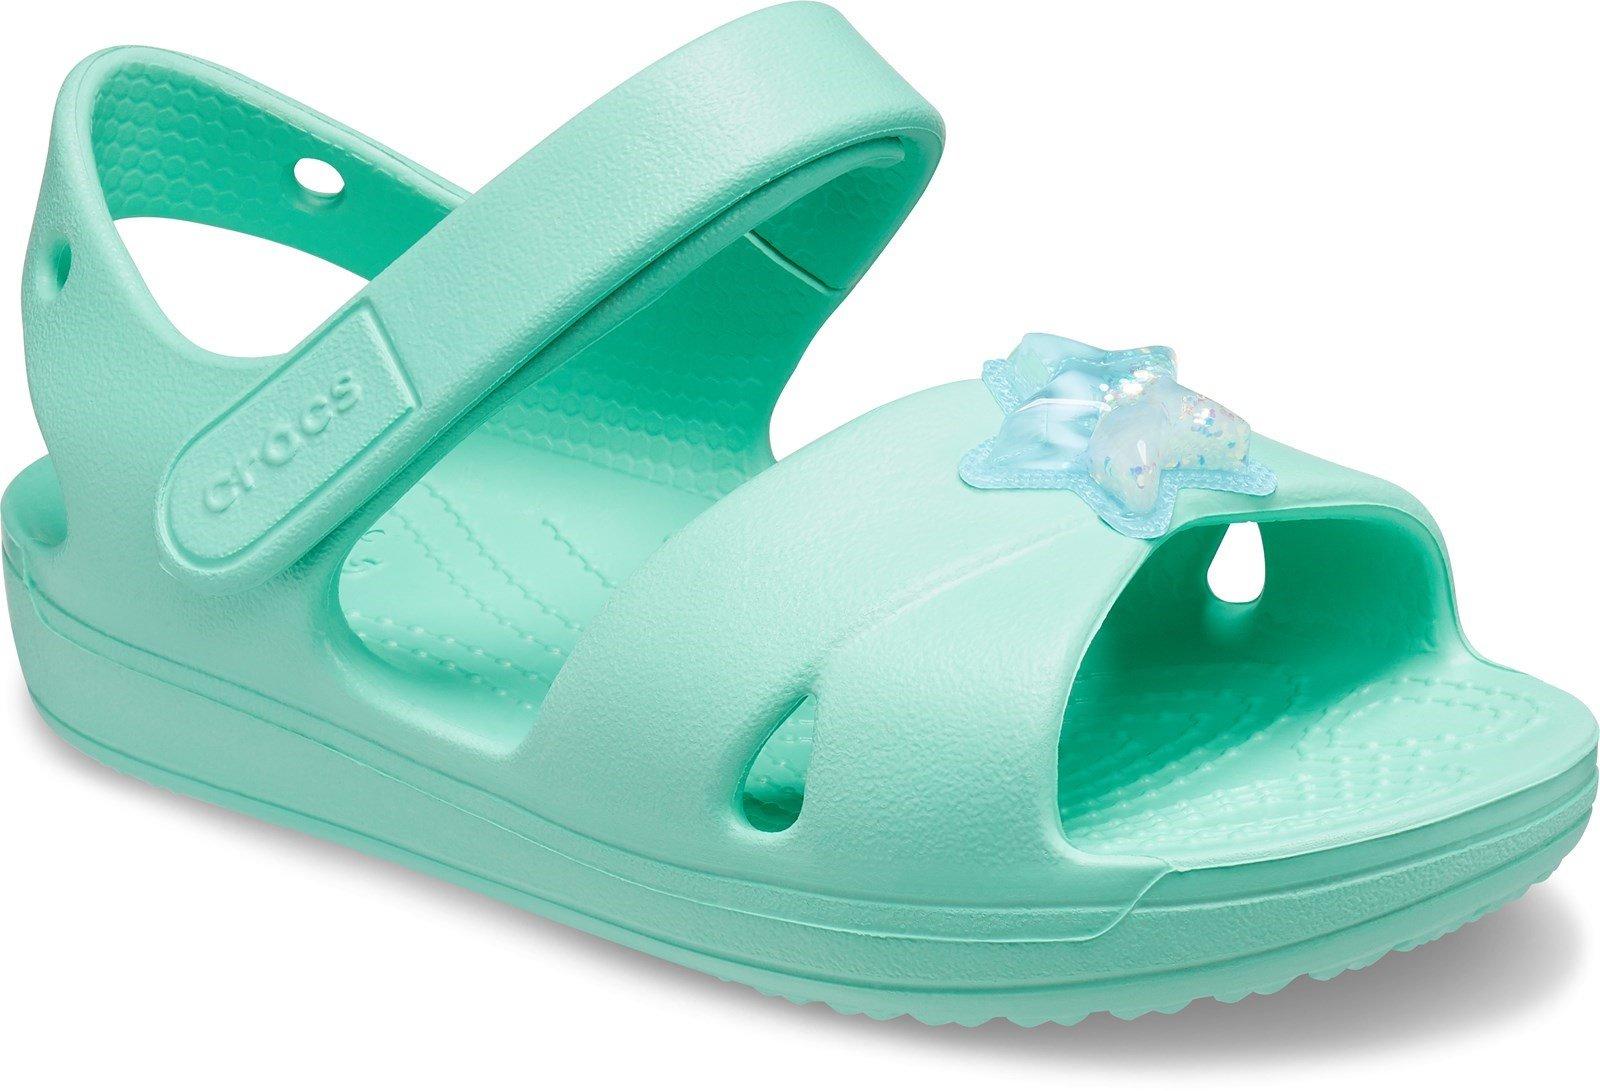 Crocs Kid's Classic Cross Strap Charm Sandal Various Colours 31879 - Pistachio 4